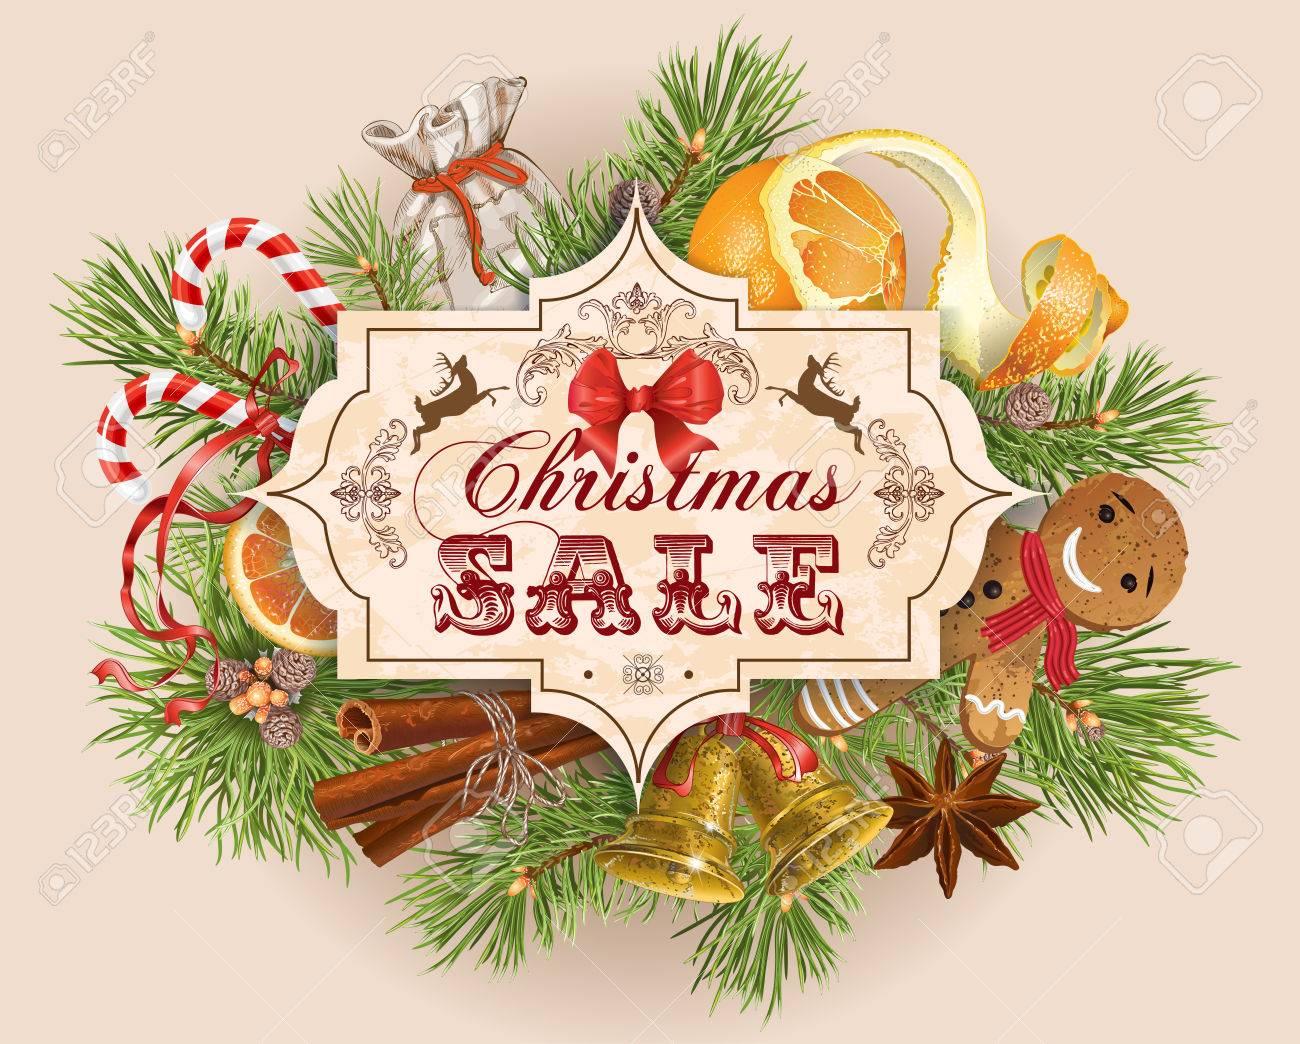 Vendimia Venta De Navidad Con Decoracion Tradicional Ramas De - Ramas-de-arboles-para-decoracion